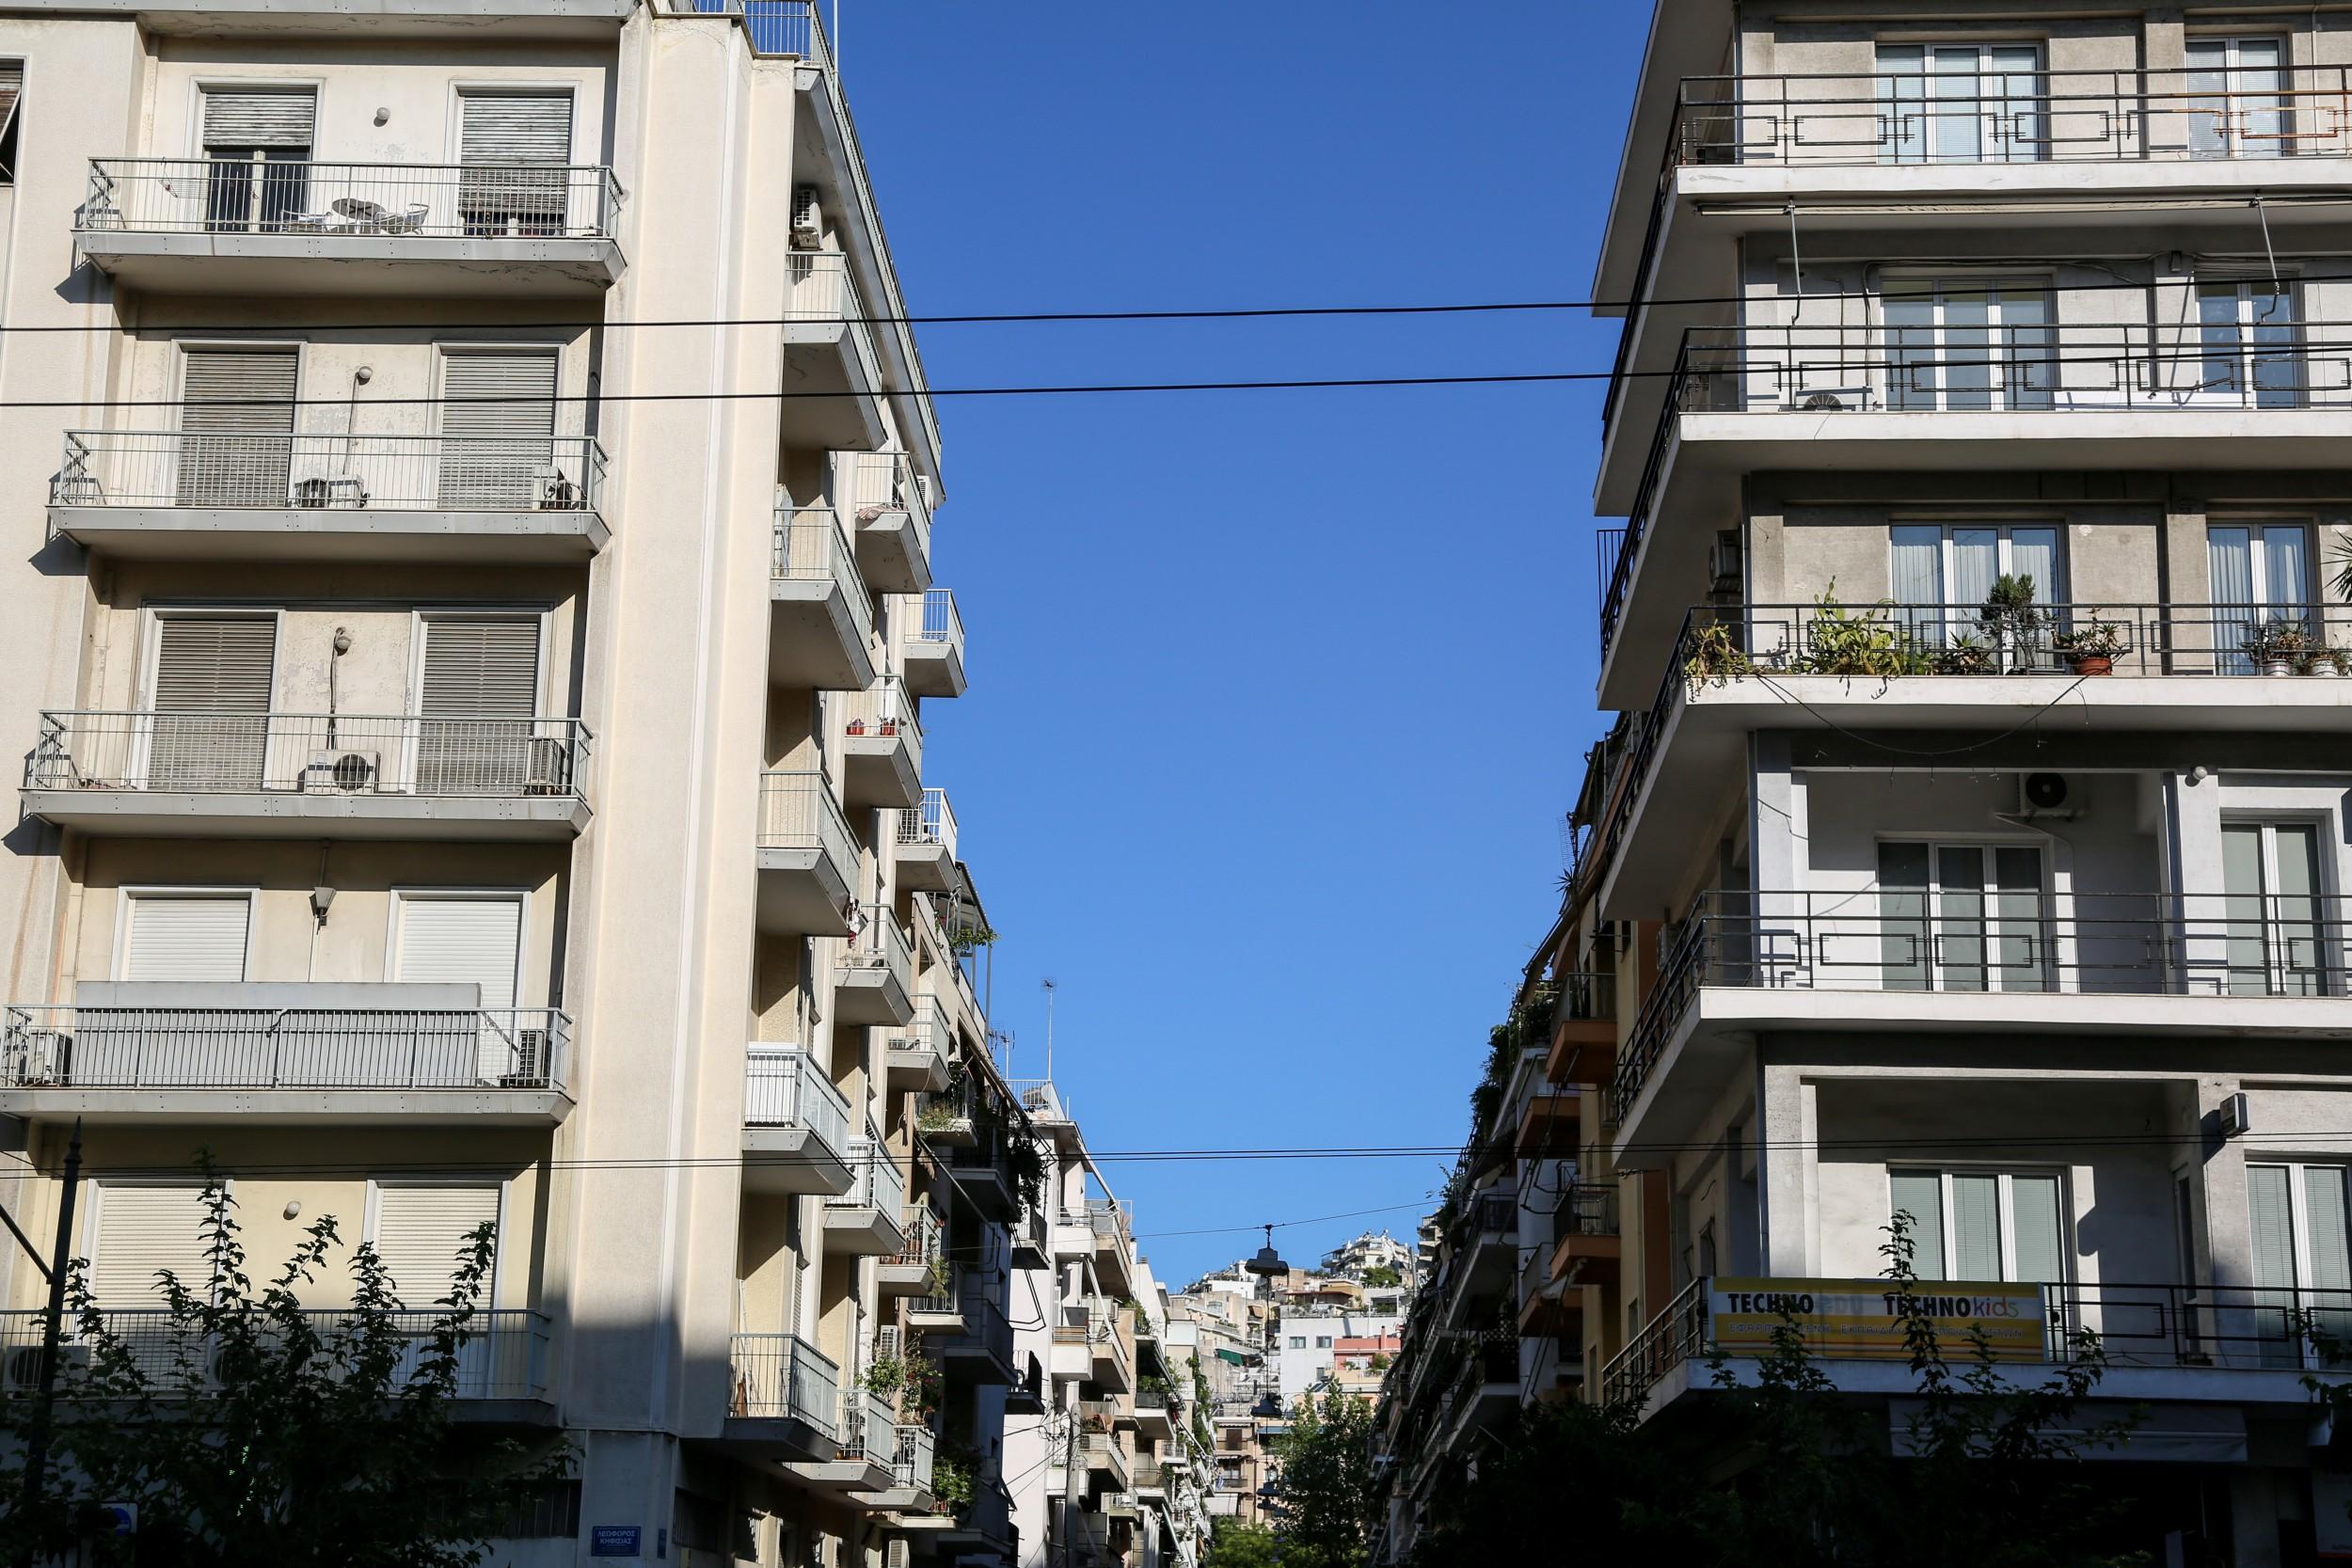 «Κουρεμένα» ενοίκια: Ανατροπή στο χρονοδιάγραμμα καταβολής των αποζημιώσεων